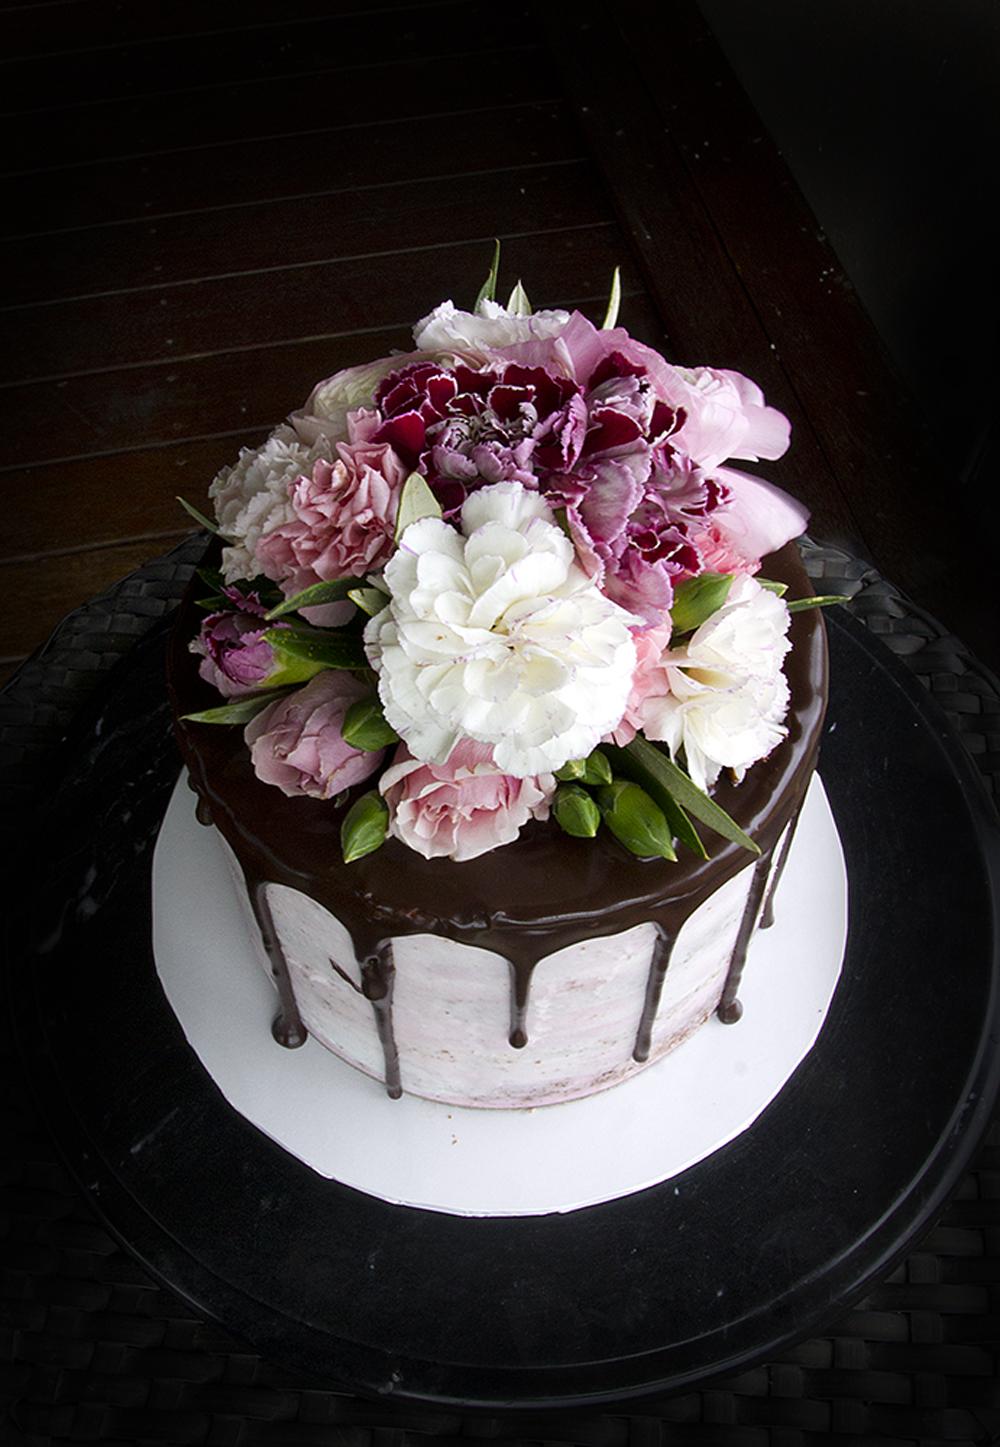 Allie's Cake